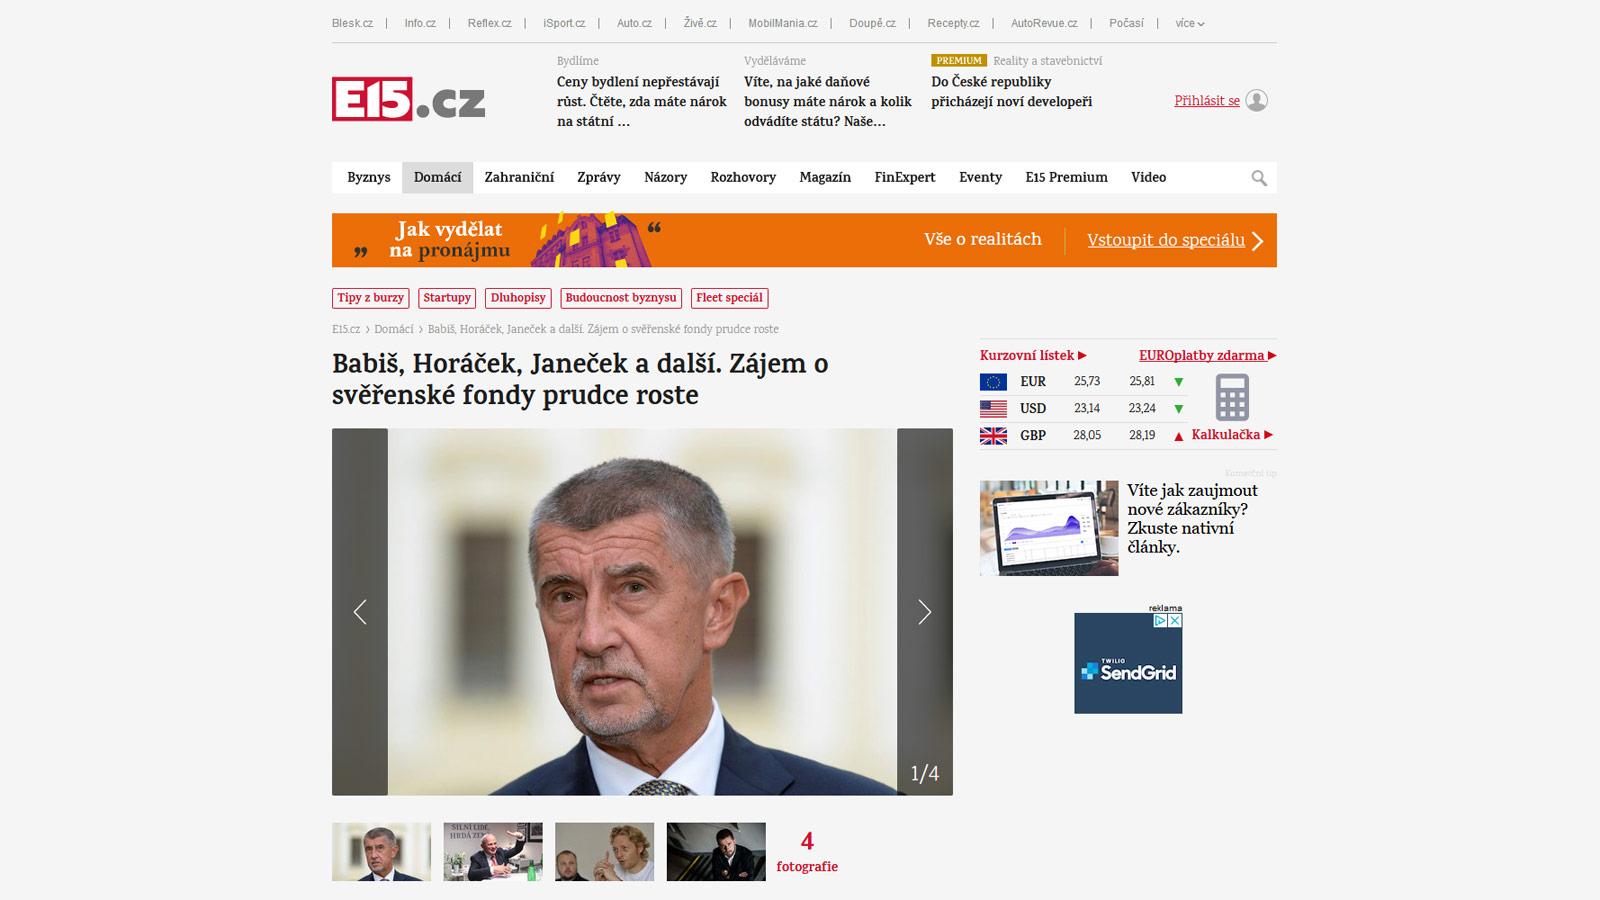 Informace o svěřenských fondech pro E15.cz